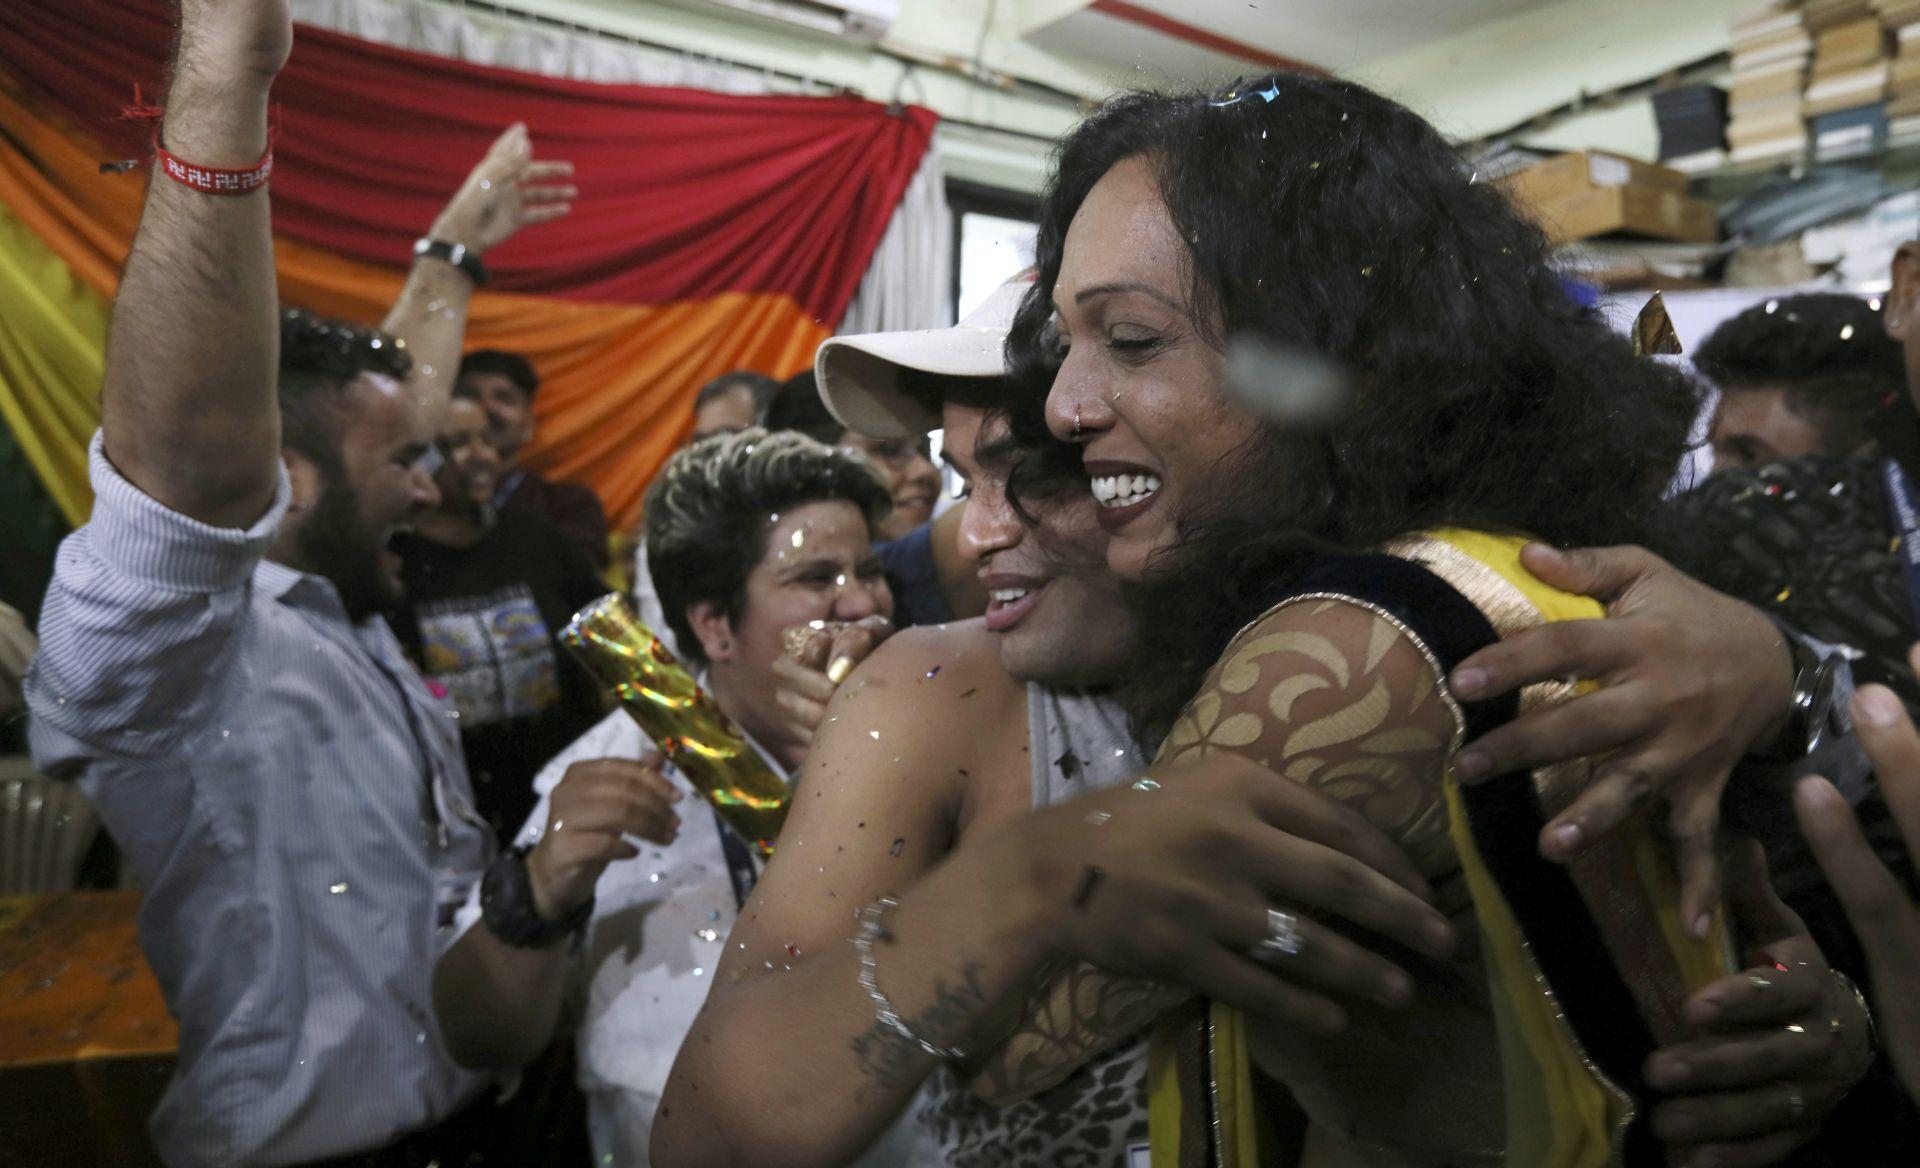 INDIJA Preljub više nije krivično djelo